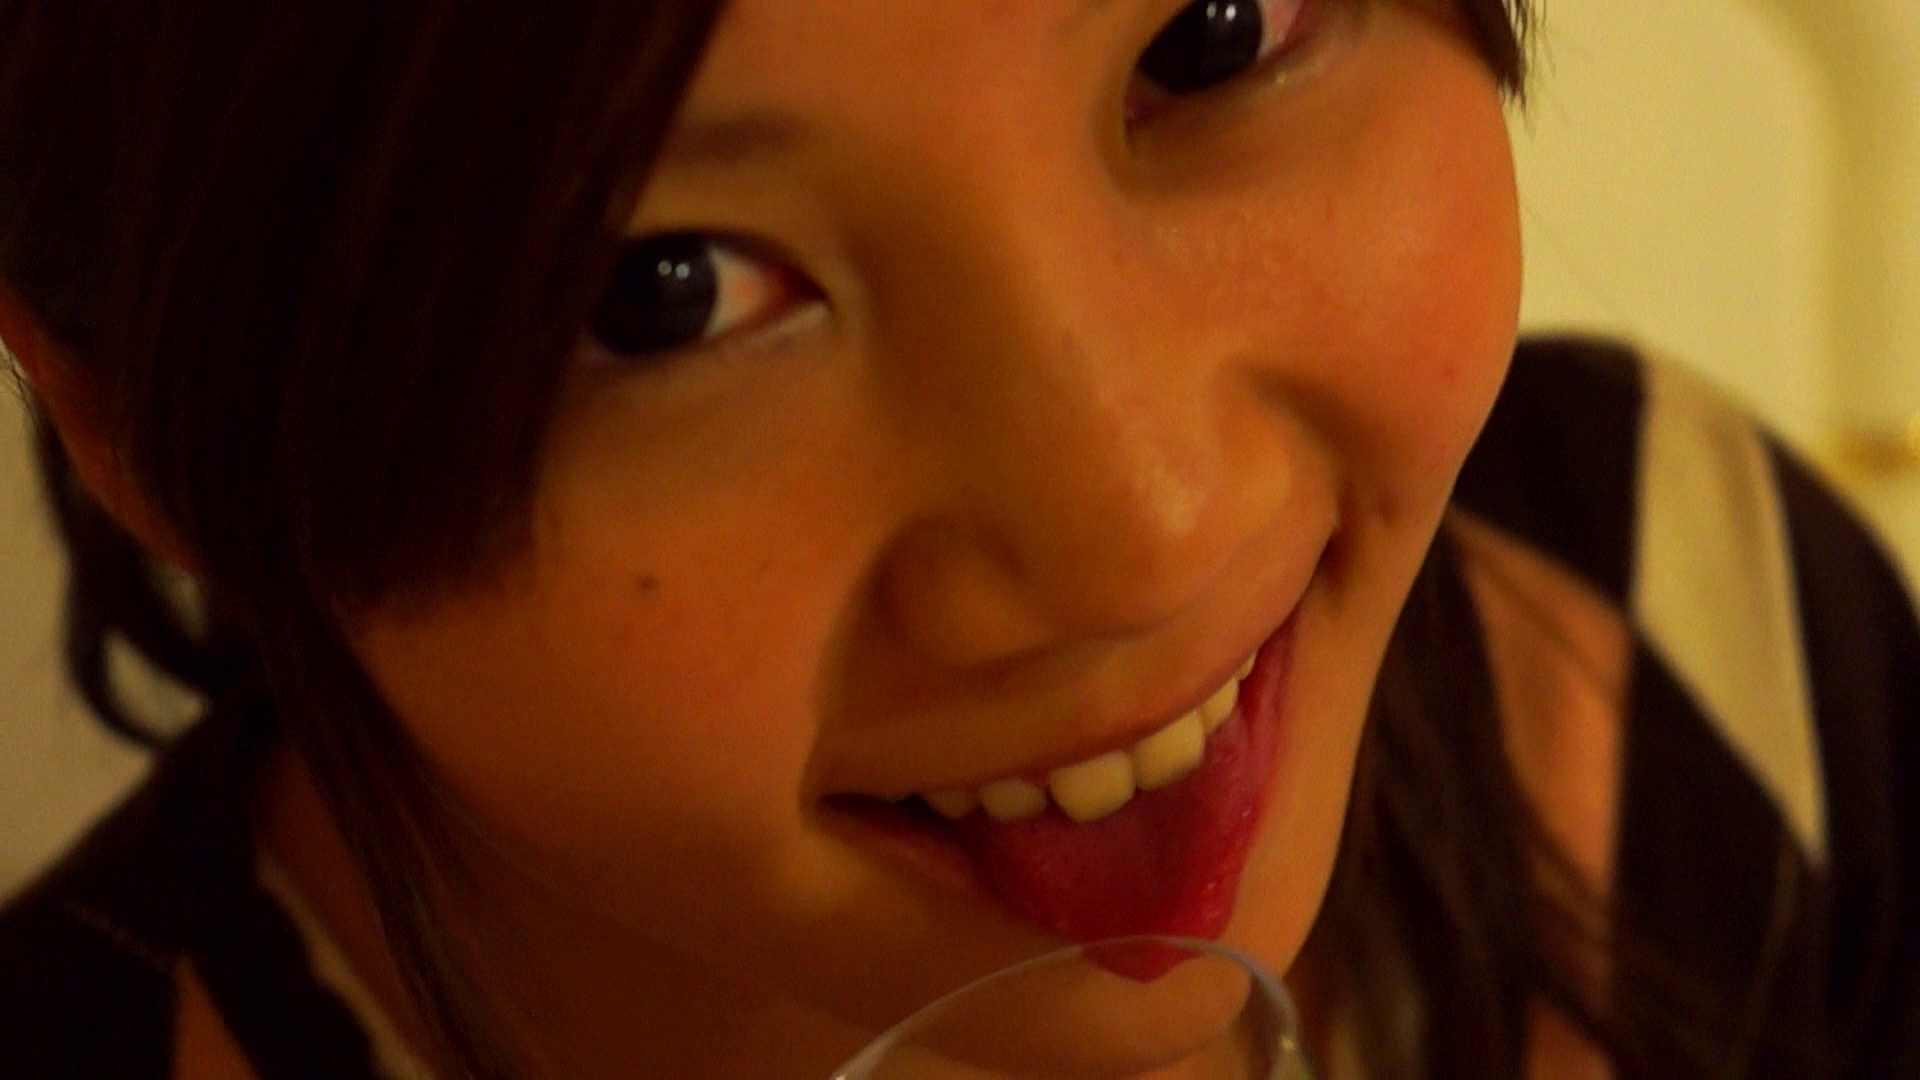 エッチ 熟女|vol.12 瑞希ちゃんにコップを舐めてもらいました。|大奥